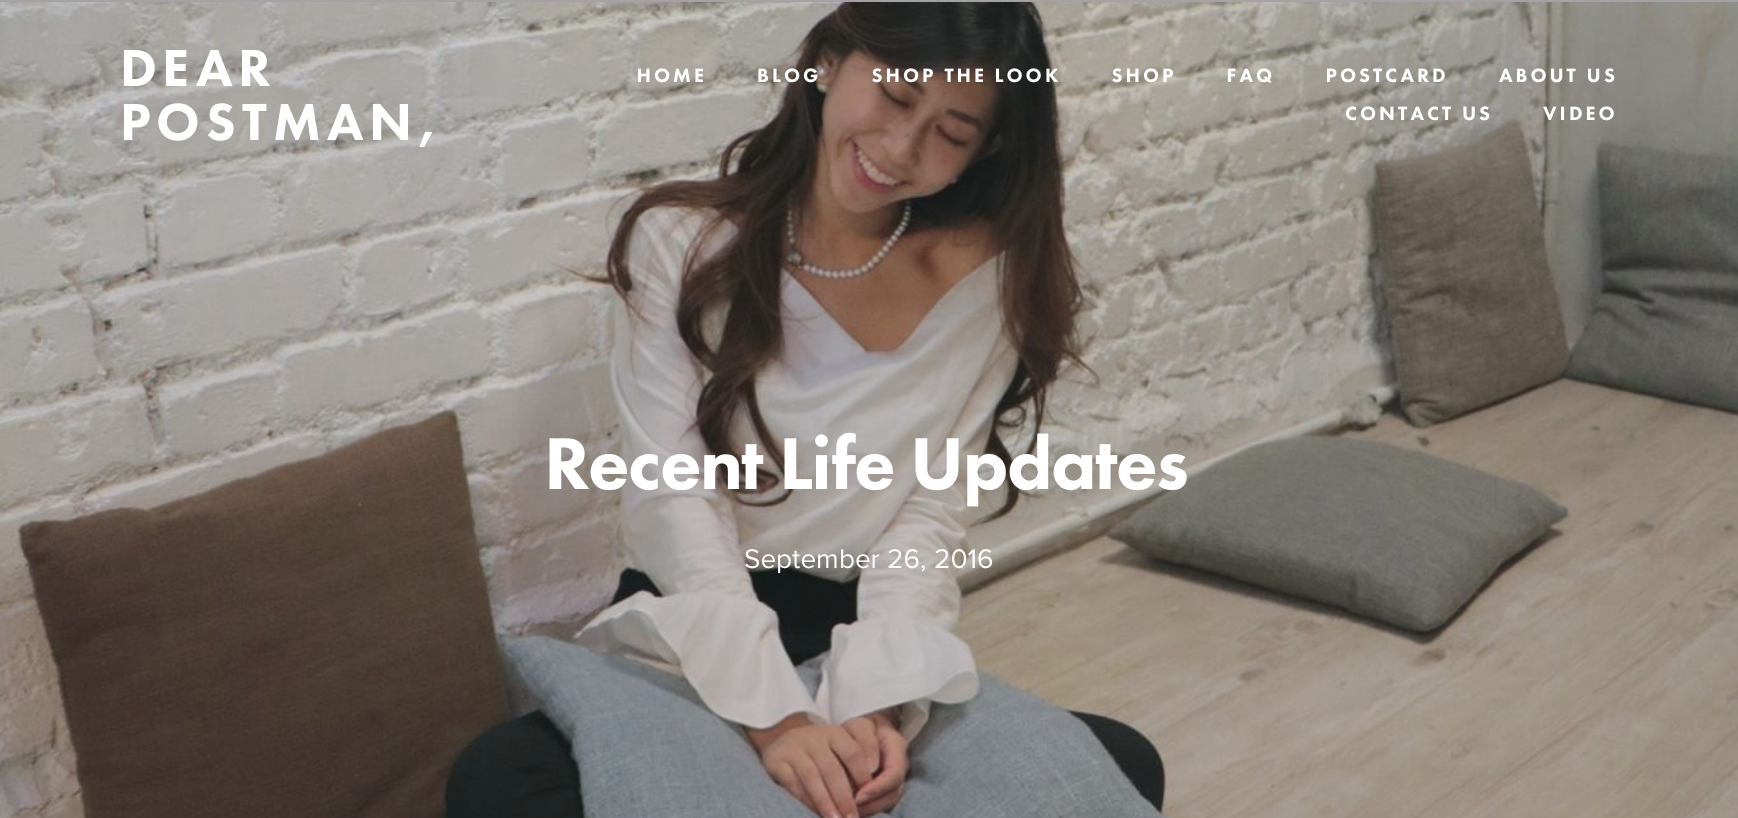 Recent Life Updates